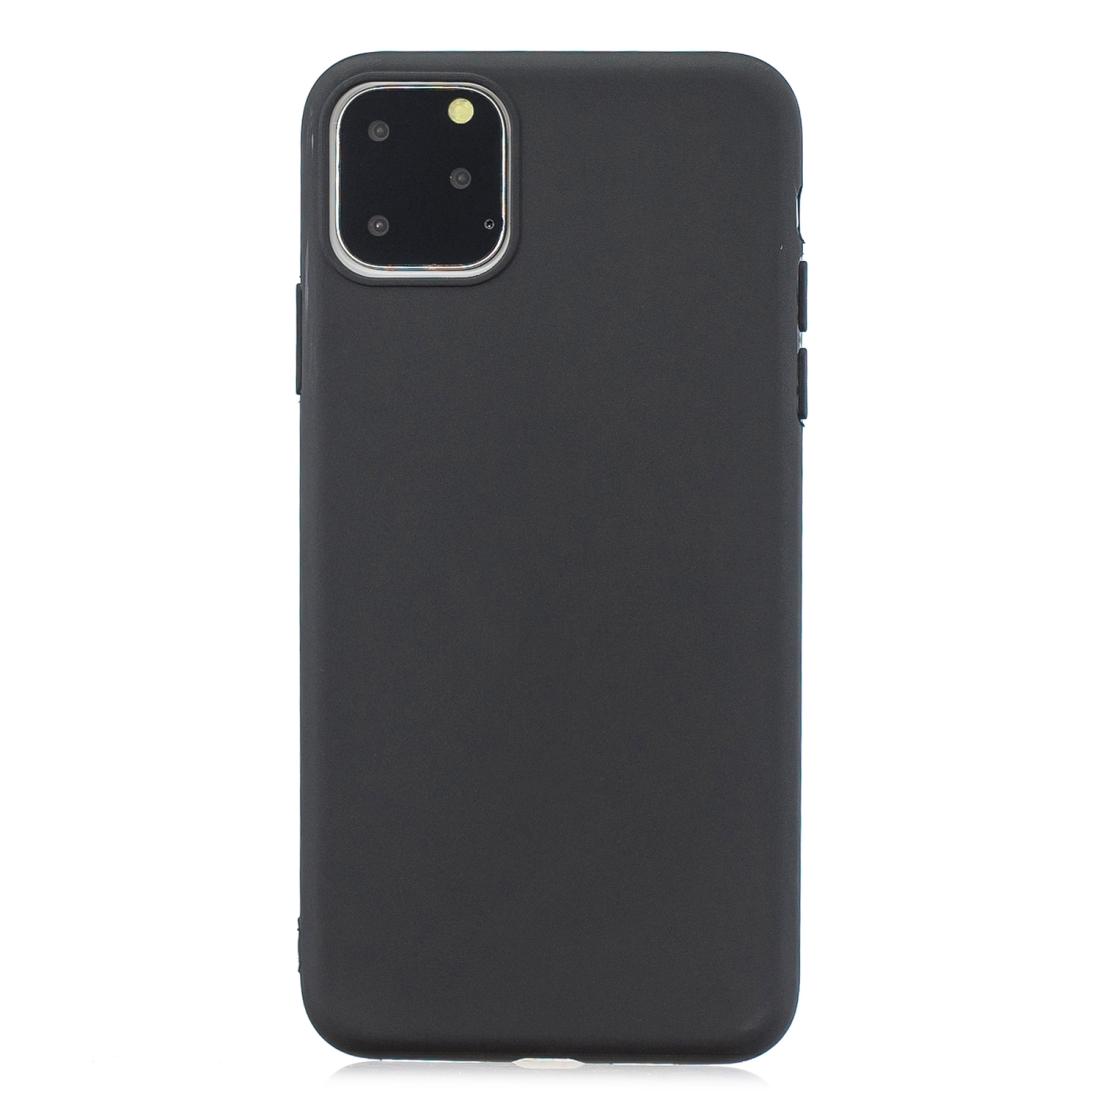 Matný silikonový obal na iPhone 11 Pro Max - černá